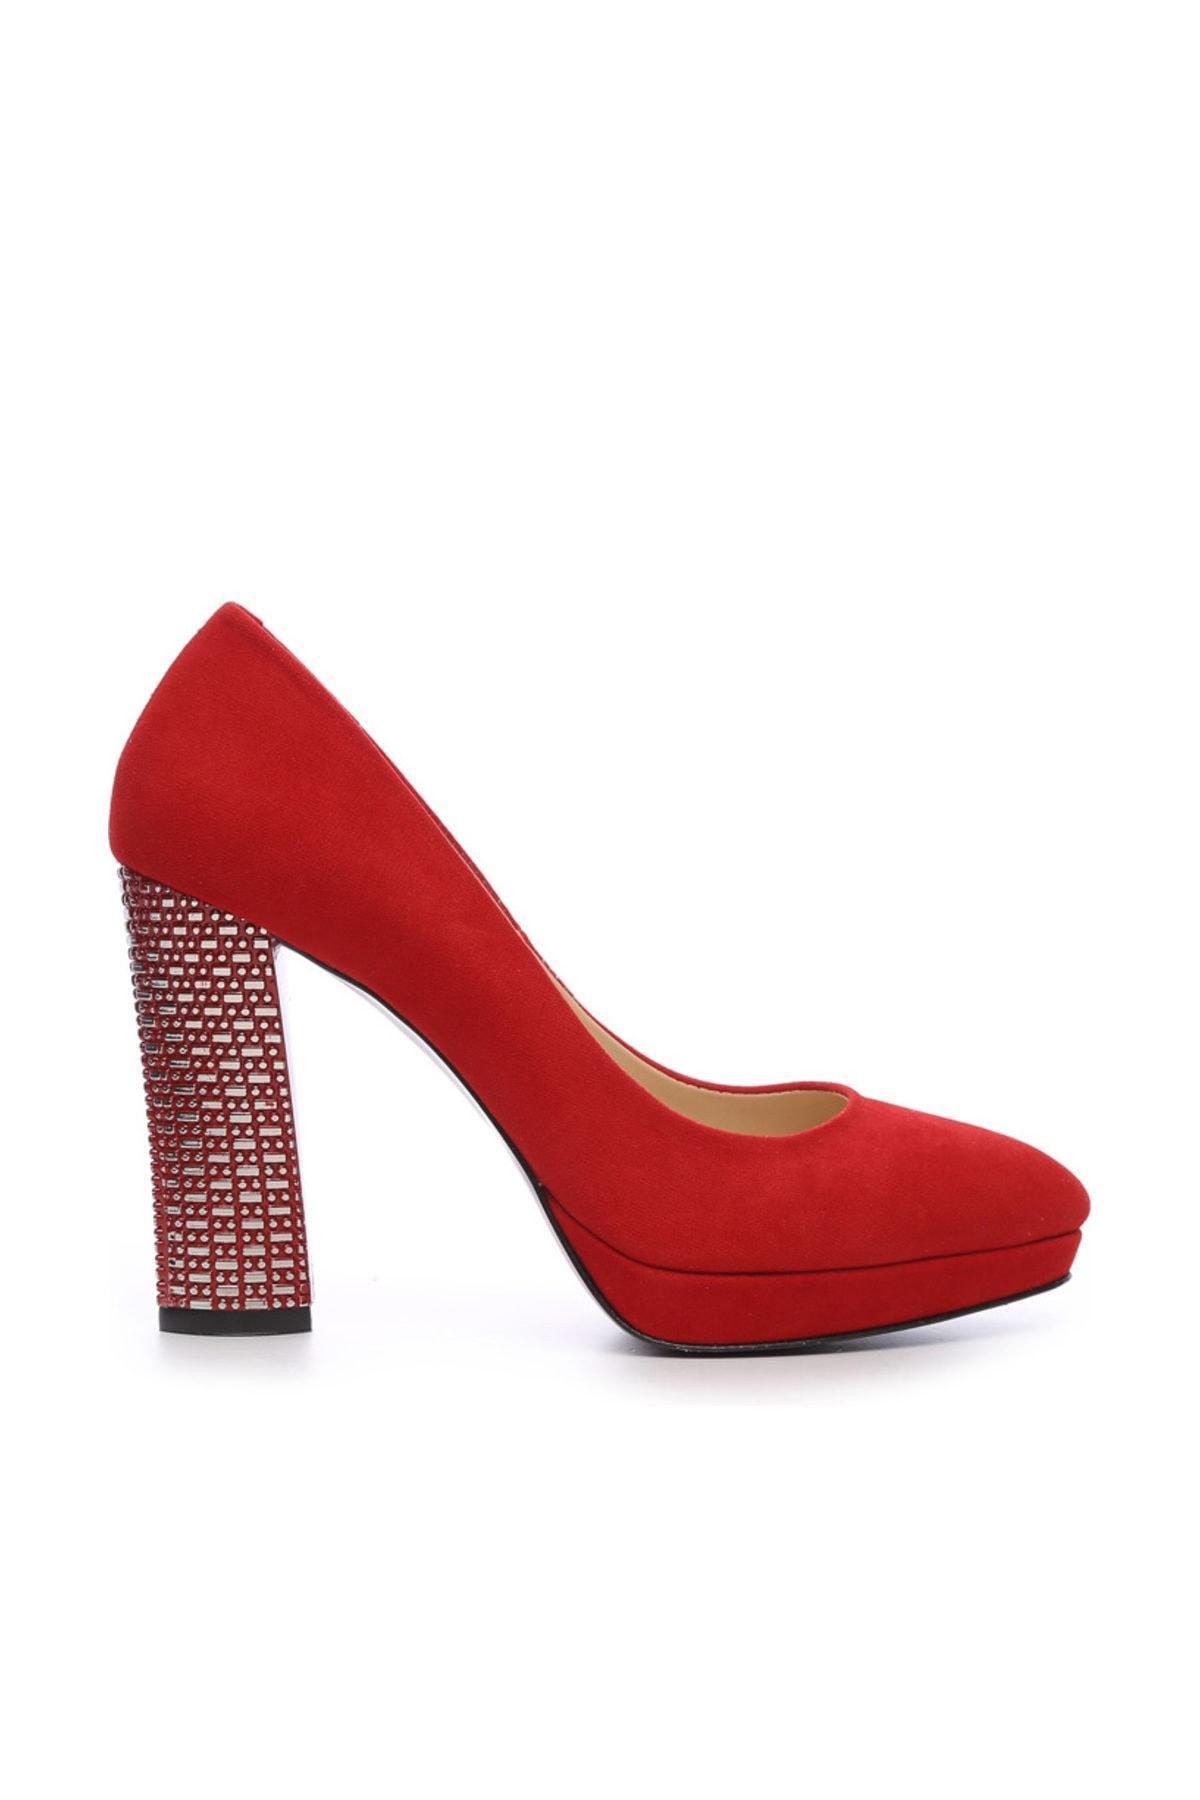 KEMAL TANCA Kırmızı Kadın Vegan Klasik Topuklu Ayakkabı 22 2048 BN AYK 1